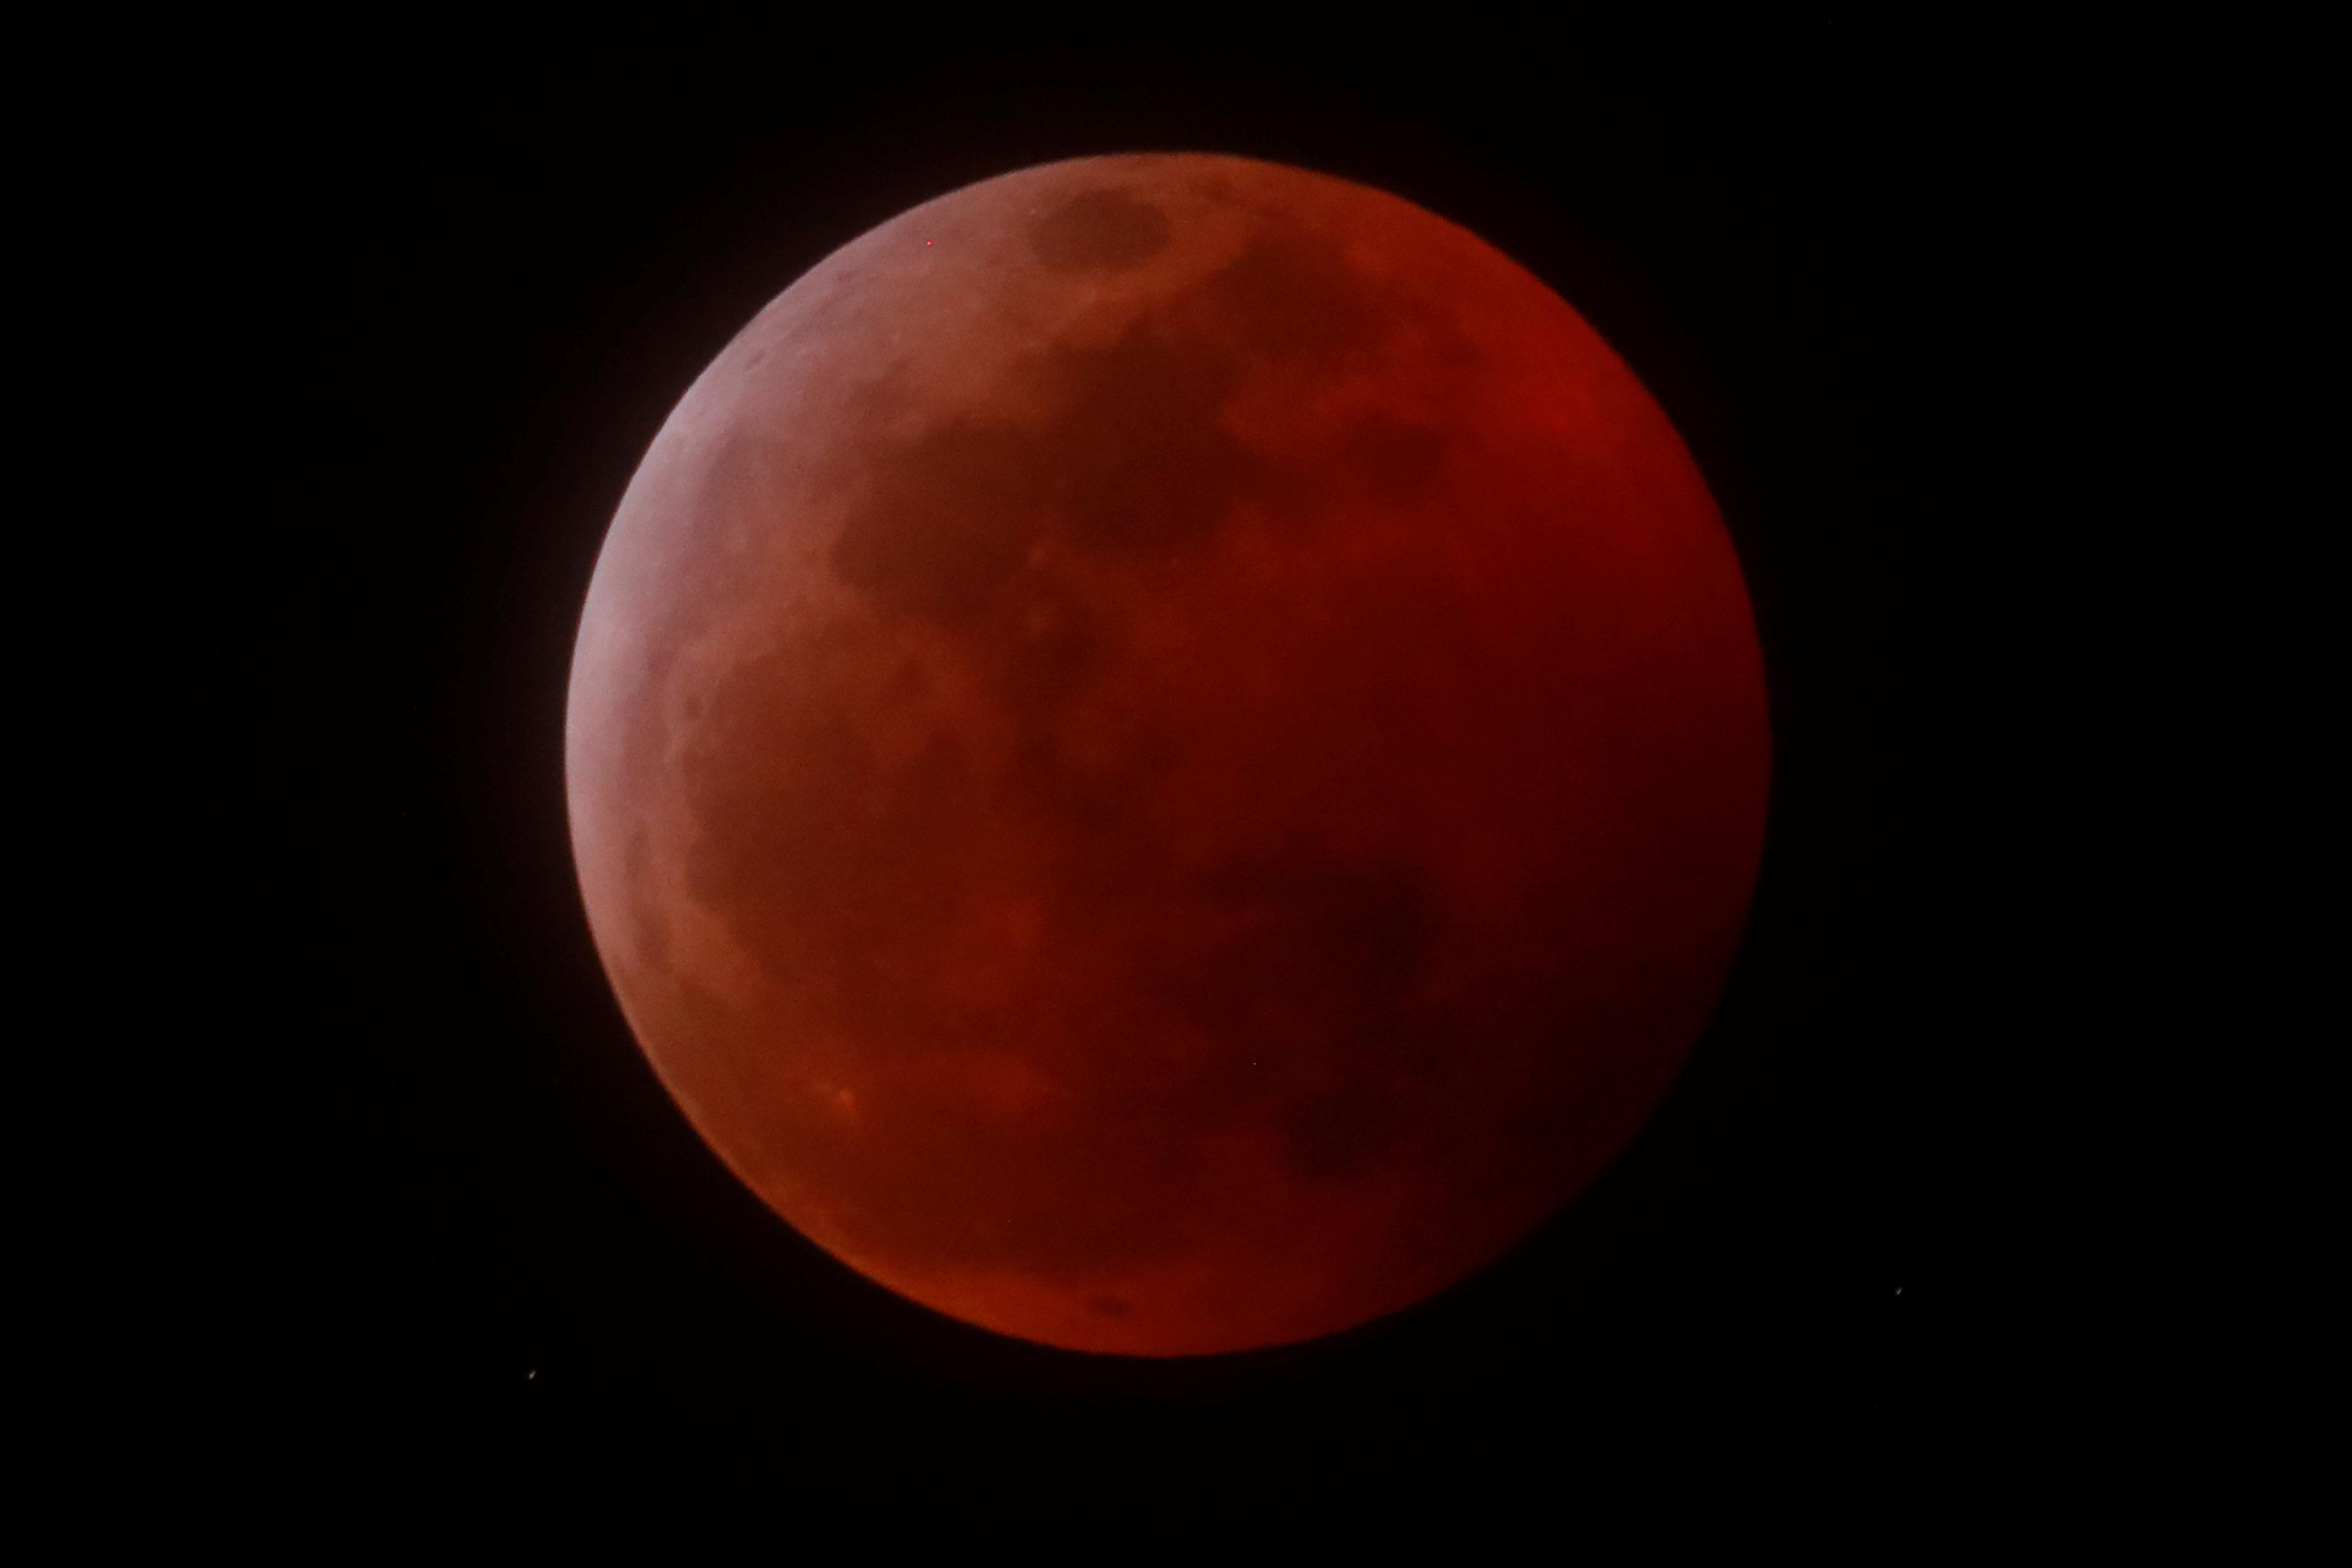 blood moon january 2019 massachusetts - photo #2